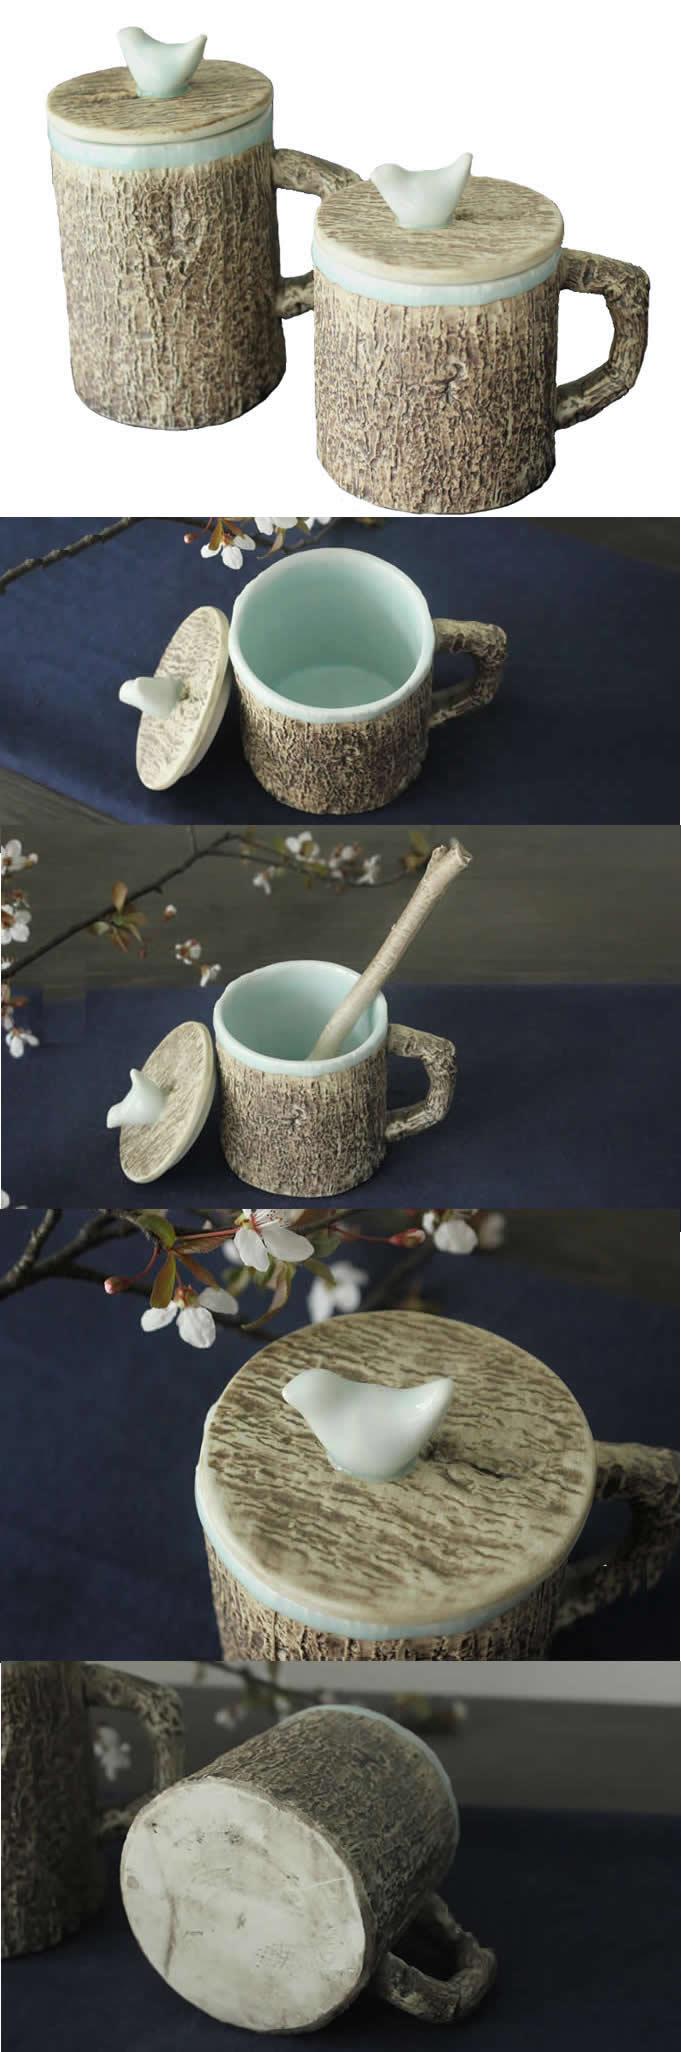 Ceramic Tree Bark Coffee Mug With Bird On Lid Looks Like a